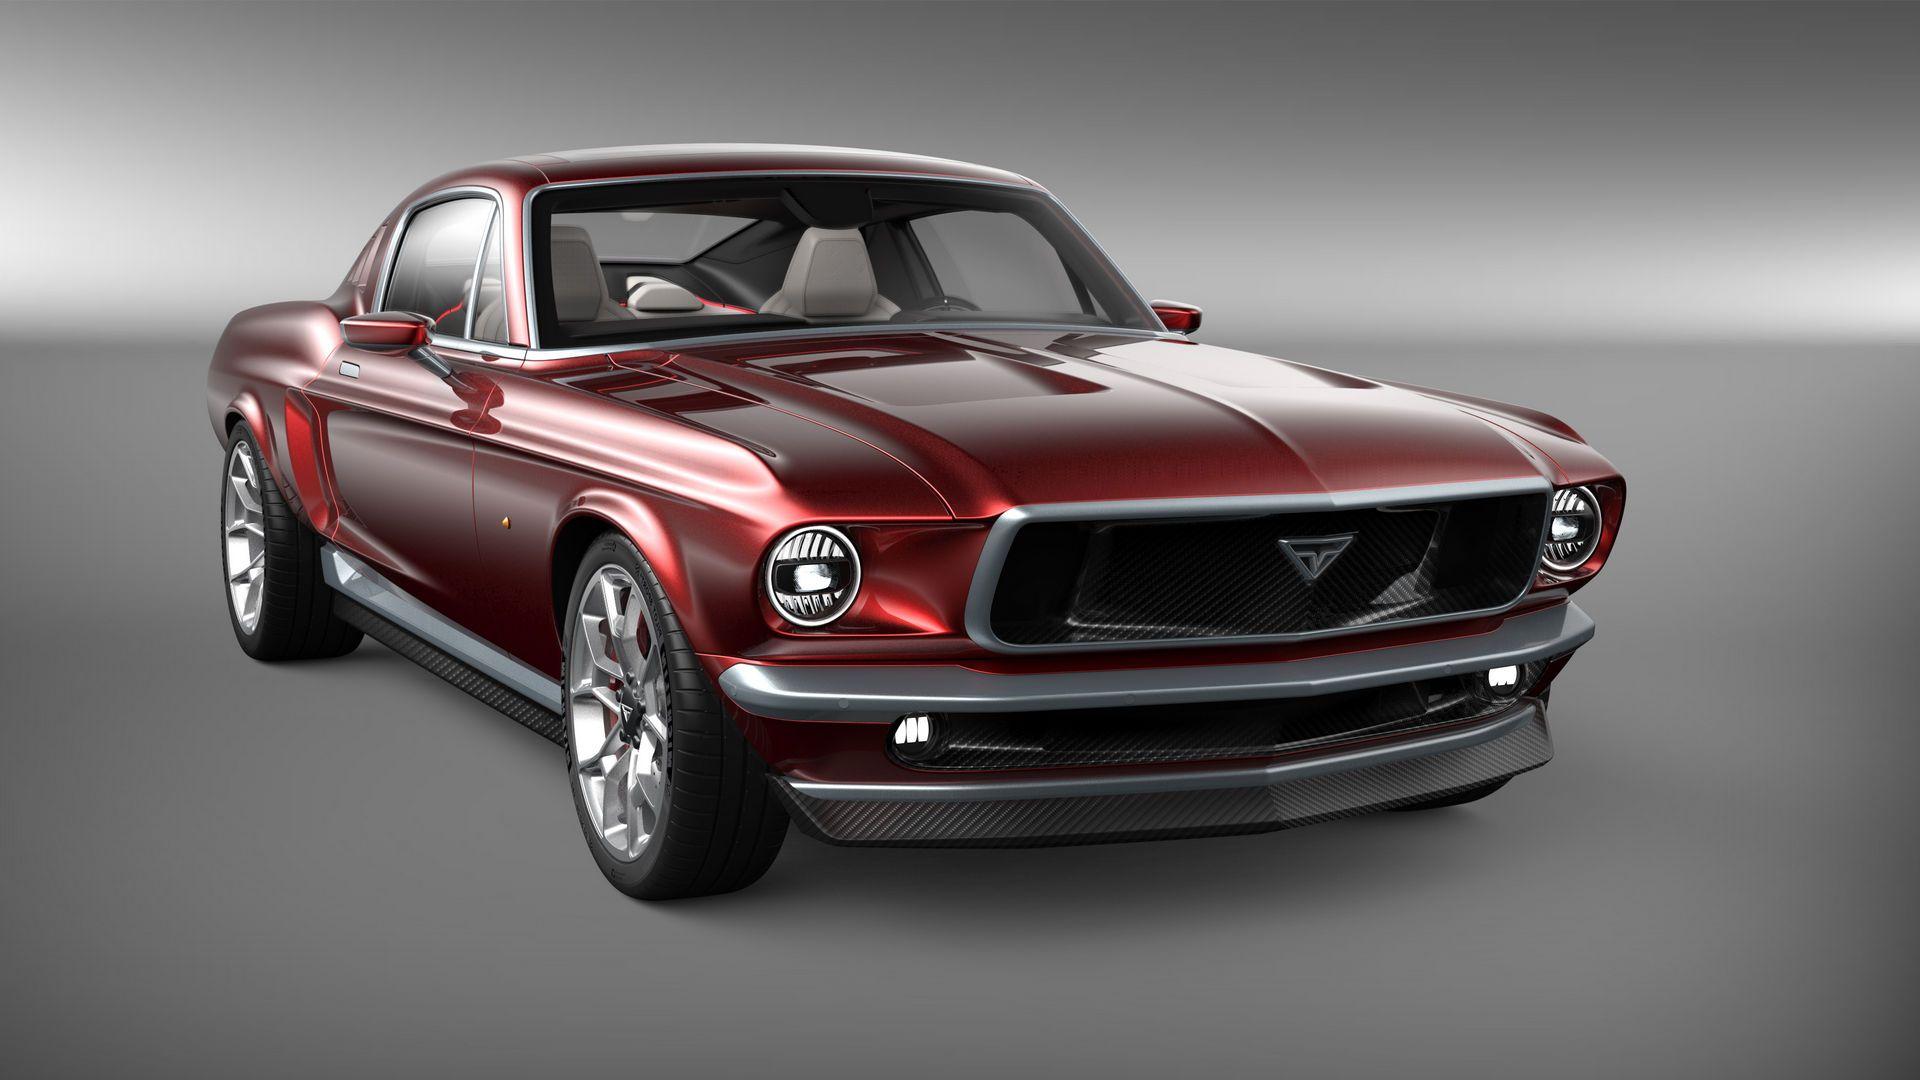 Rus şirketi Aviar Motors, Tesla tabanlı bir Mustang tanıttı.